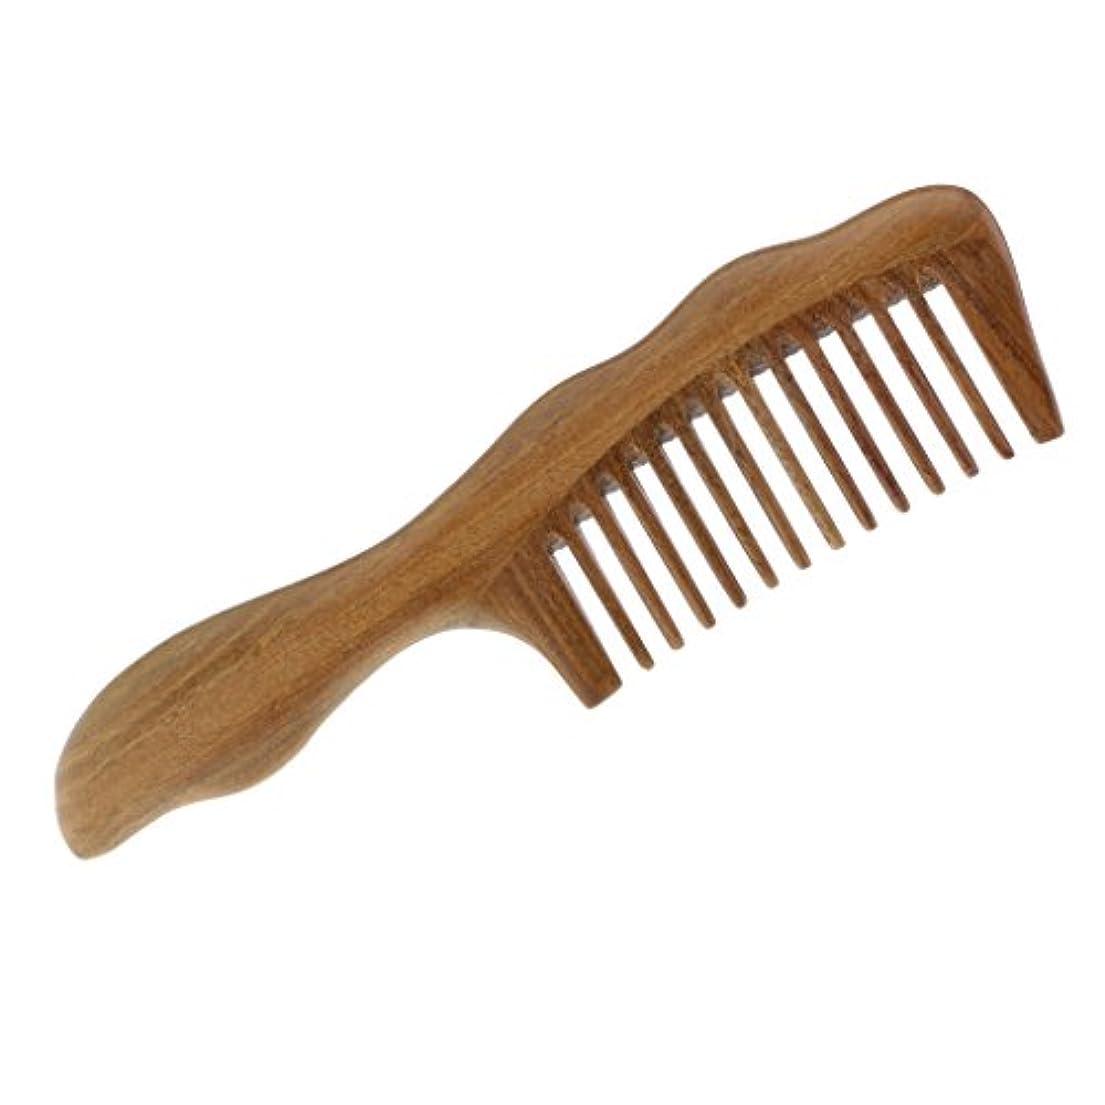 イーウェル期待して変なToygogo 広い歯の櫛の木製のもつれの櫛、木製の毛のブラシ/Sandalwoodの非静的な木の櫛